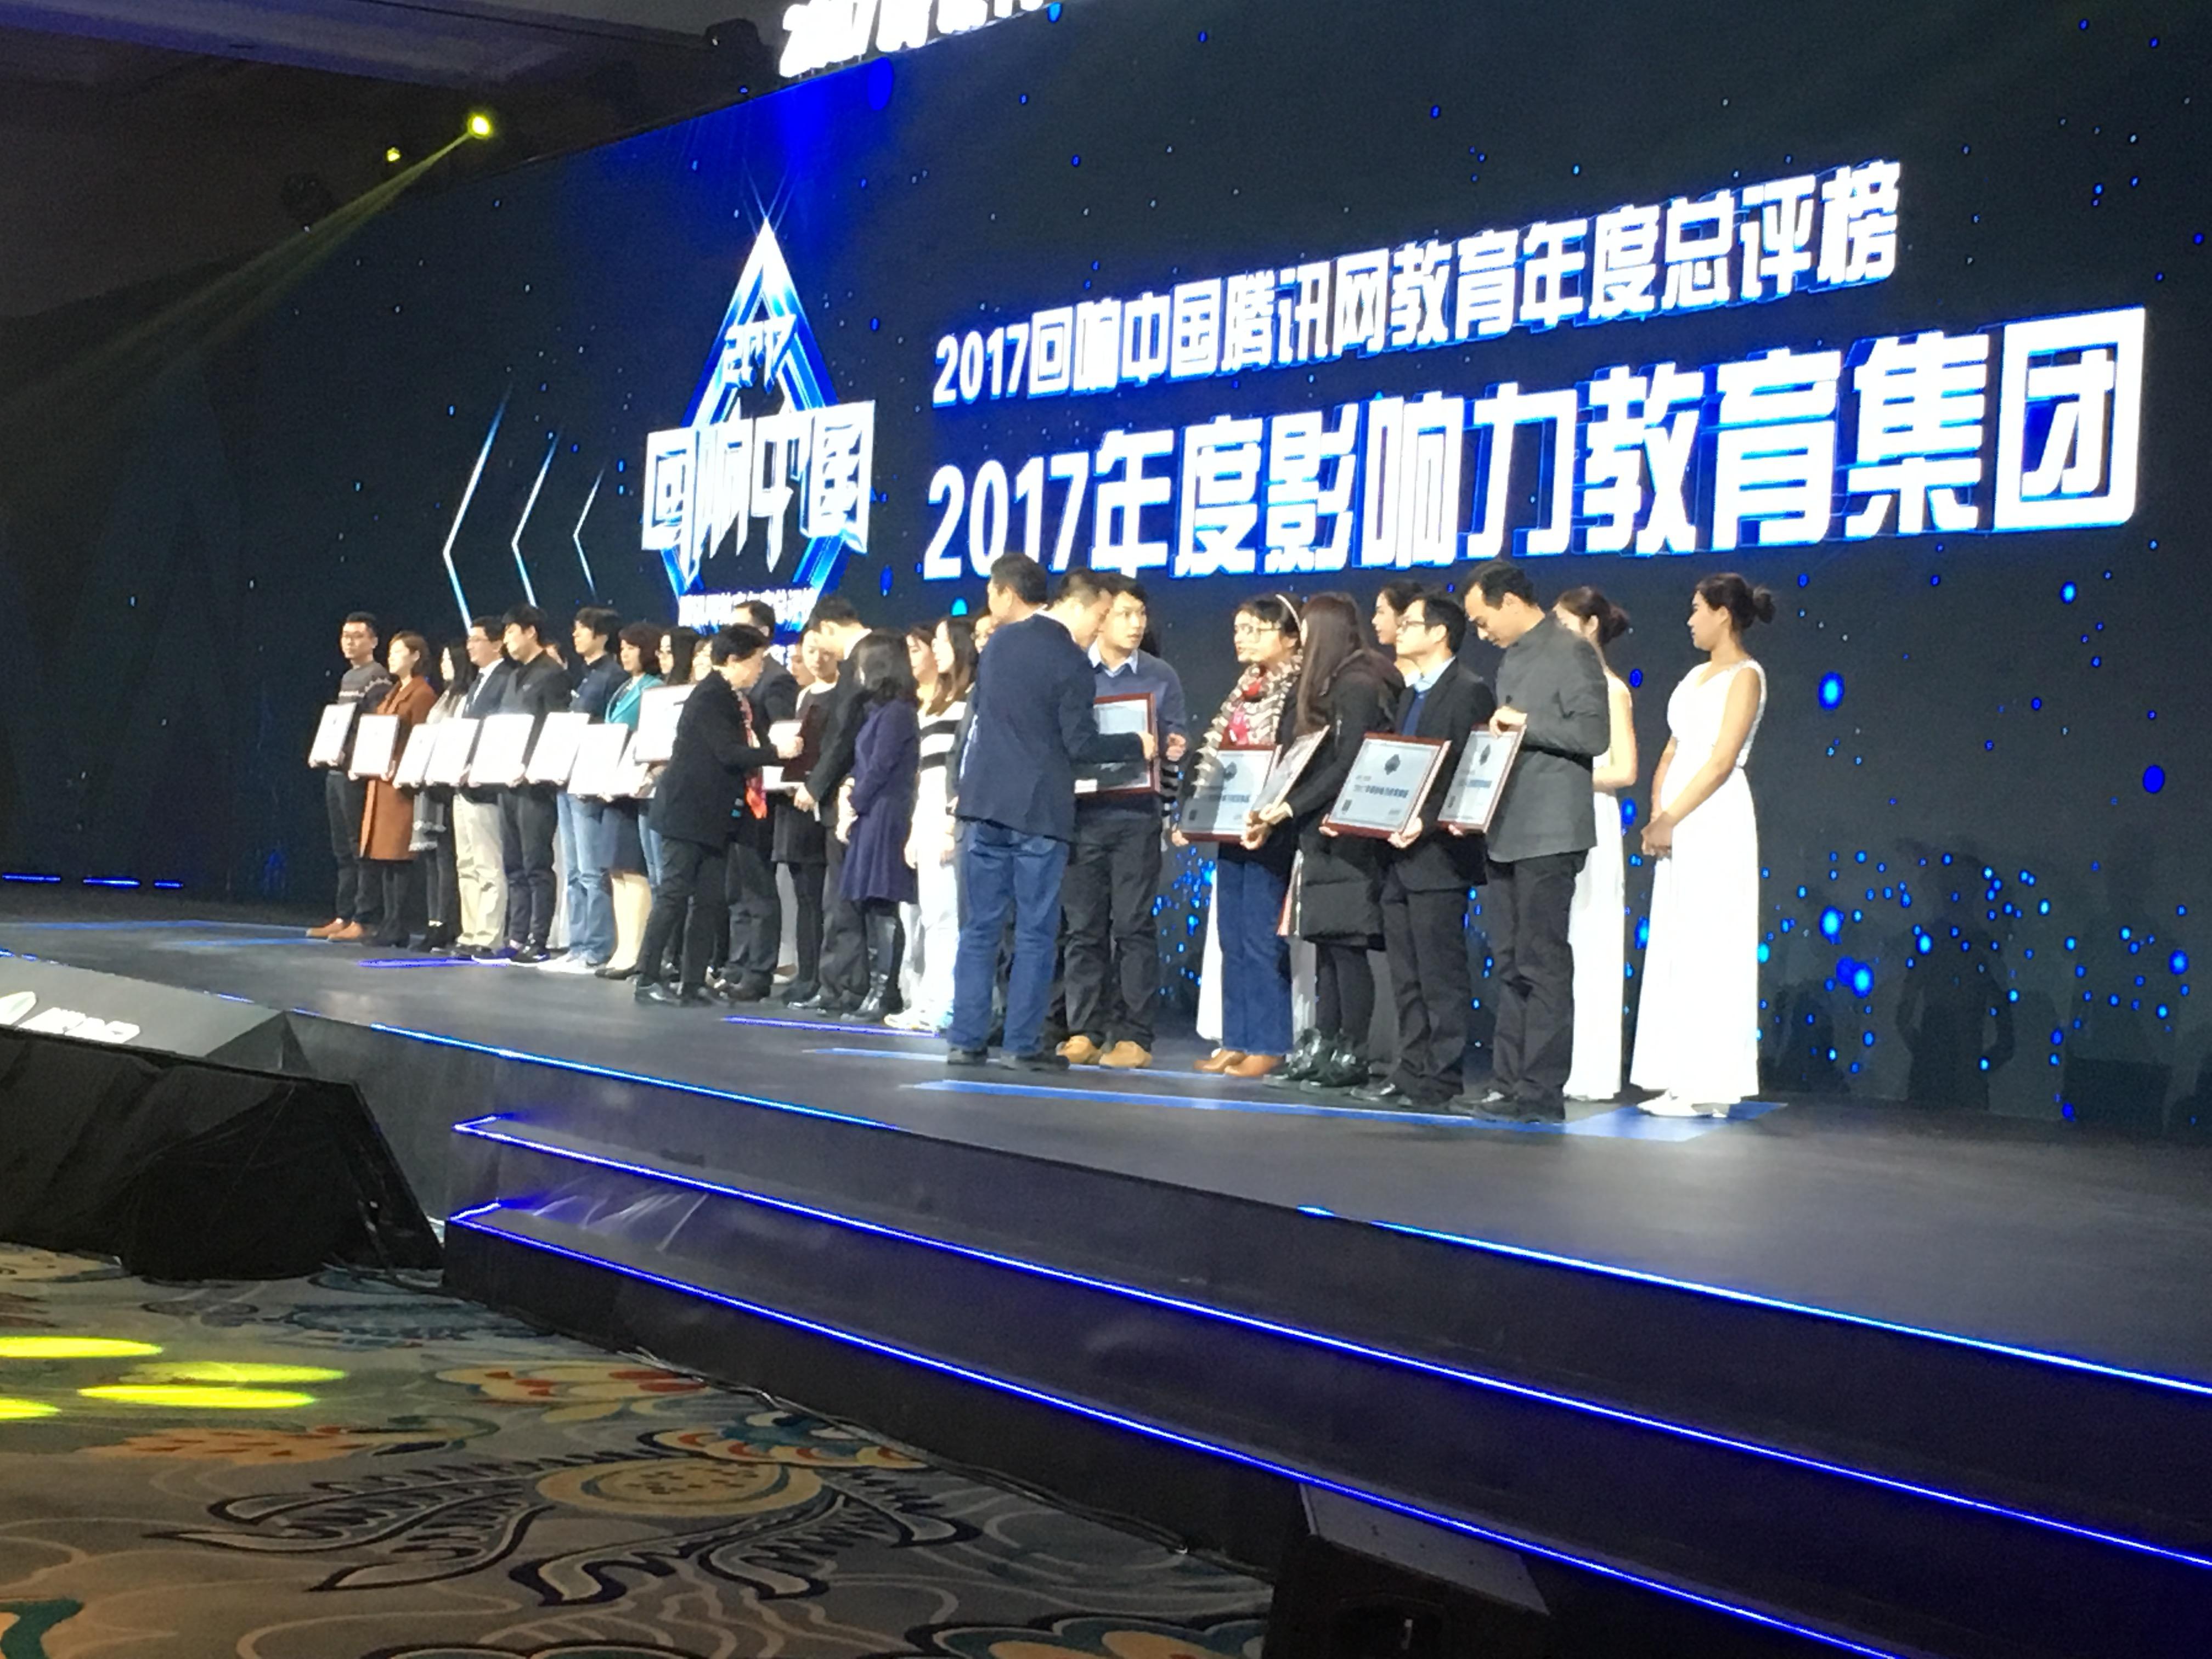 """弘成教育榮獲騰訊2017""""綜合實力教育集團""""獎"""